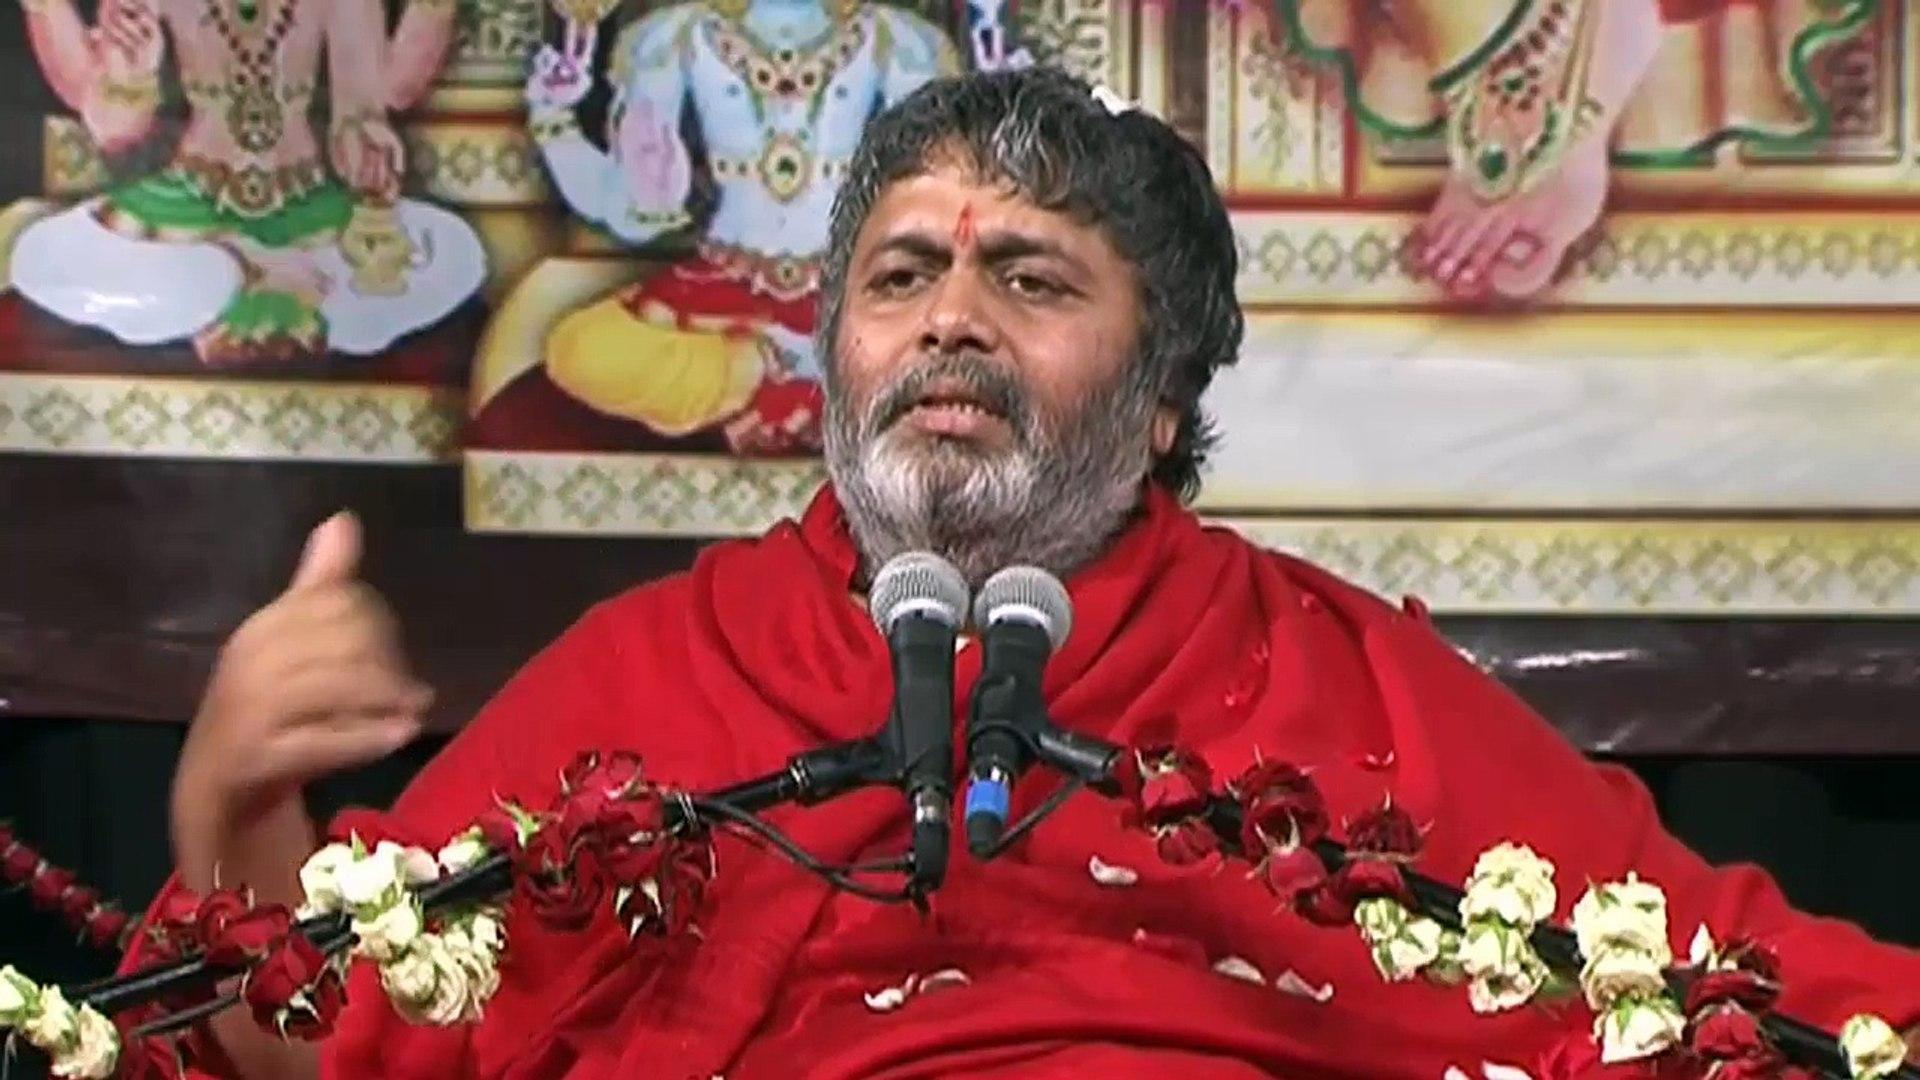 ShivYog Avdhoot Baba - Kenya Shivir - Infinit Dimensional Vidhya Sadhna  Part 2